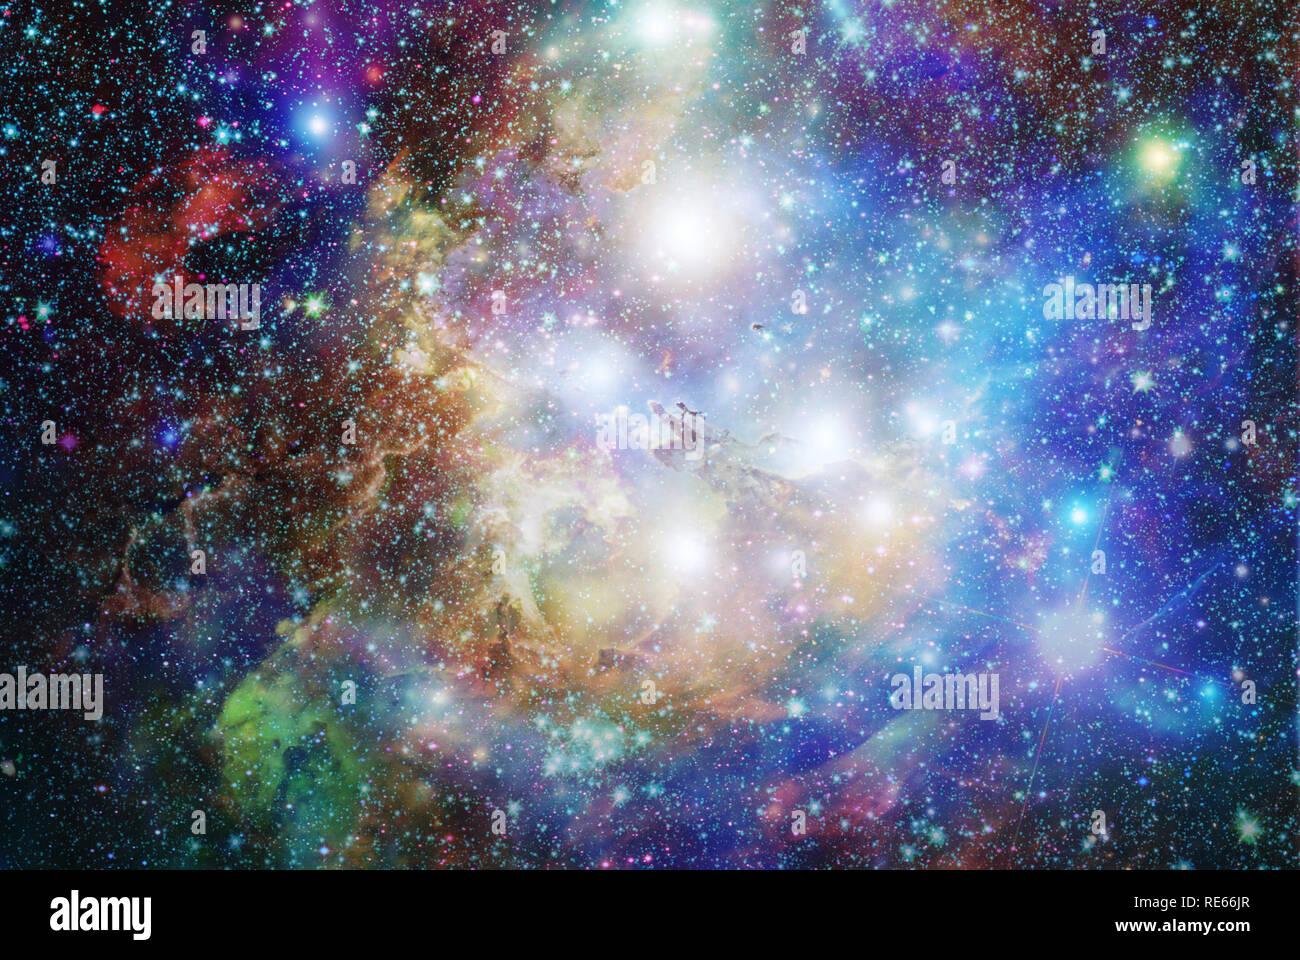 Zusammengesetzt aus verschiedenen Raum, Nebel und Sterne Bilder Stockbild